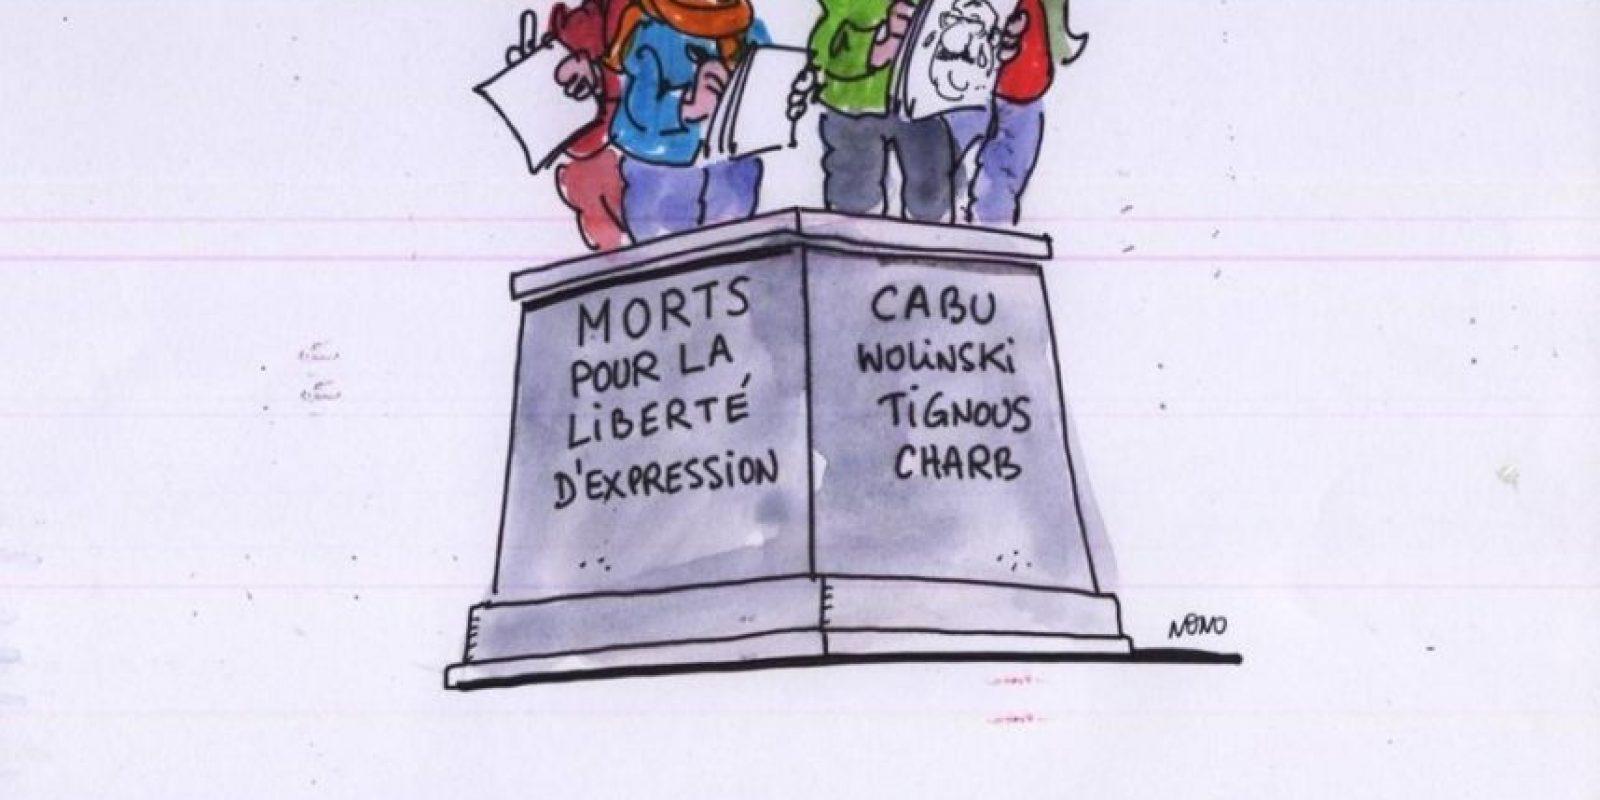 """Desde el creador de """"Astérix"""", Albert Uderzo, hasta caricaturistas de todo el mundo. Los dibujantes se unieron alrededor de la tragedia. Foto:Twitter"""